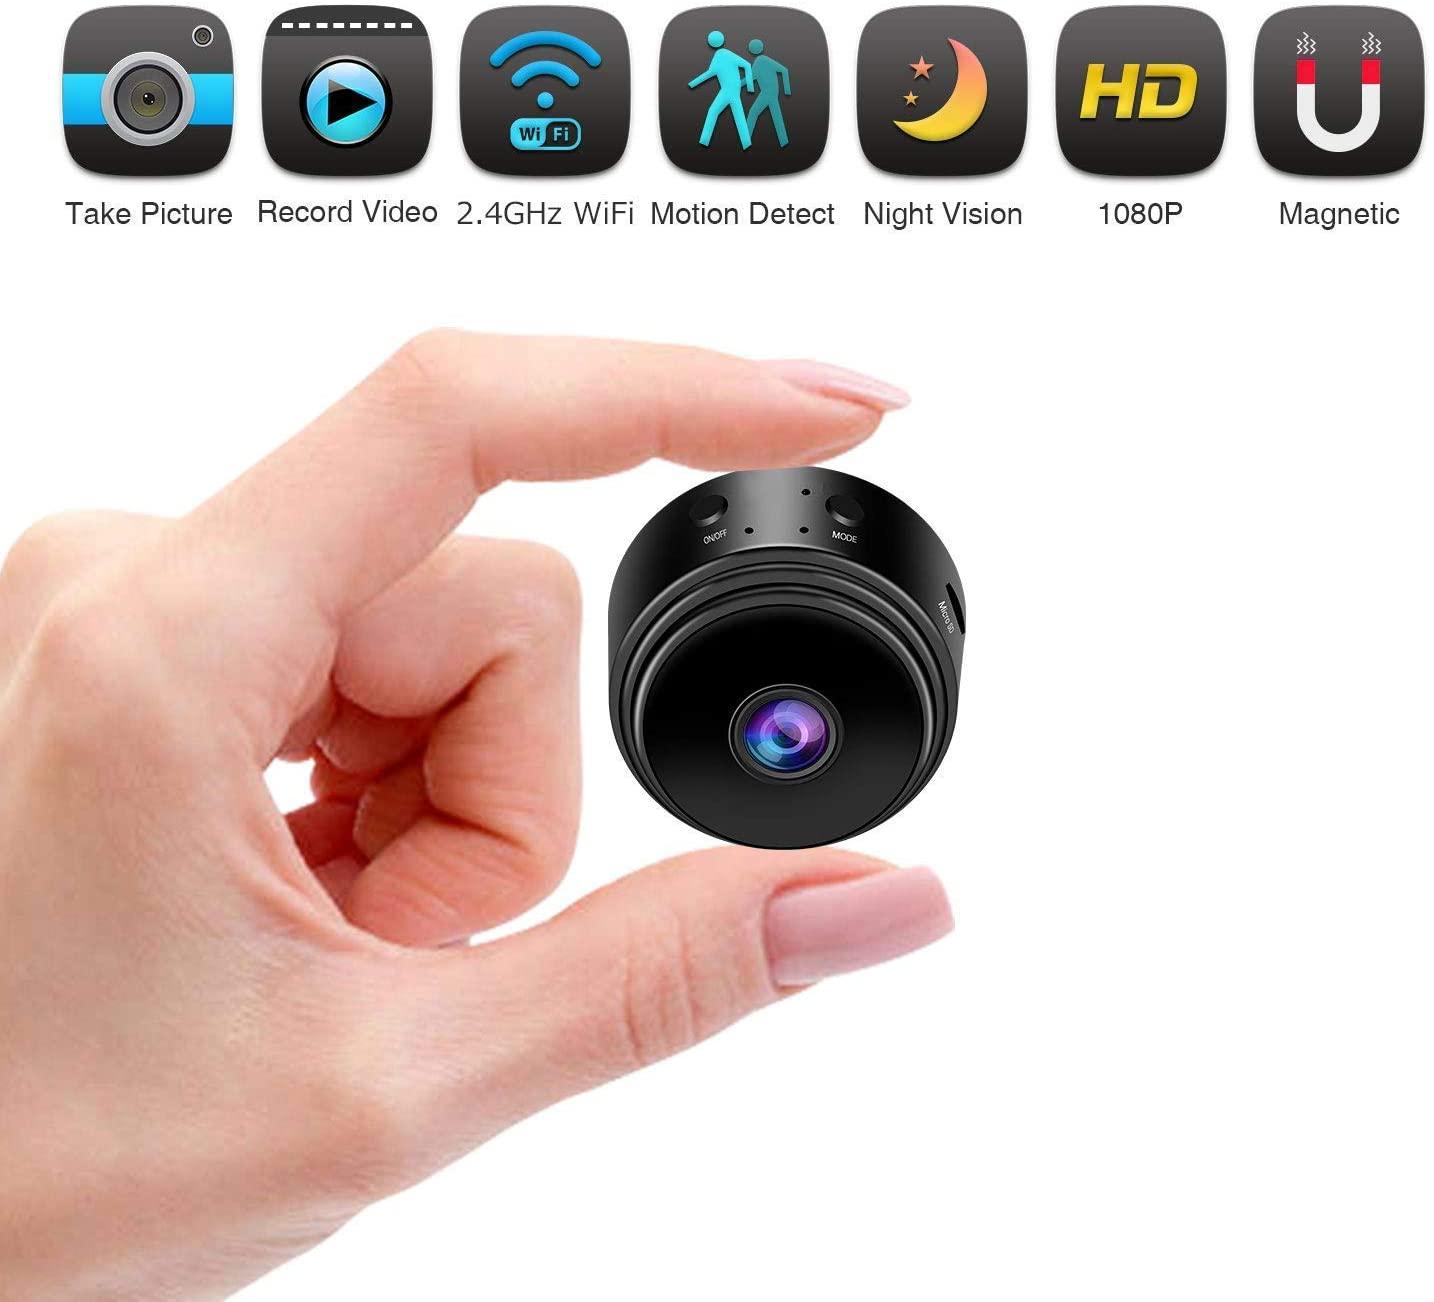 Видеоняня WiFi Беспроводная Full HD 1080P камера безопасности ночного видения с активированным движением внутри помещения, маленькая Няня для авт...